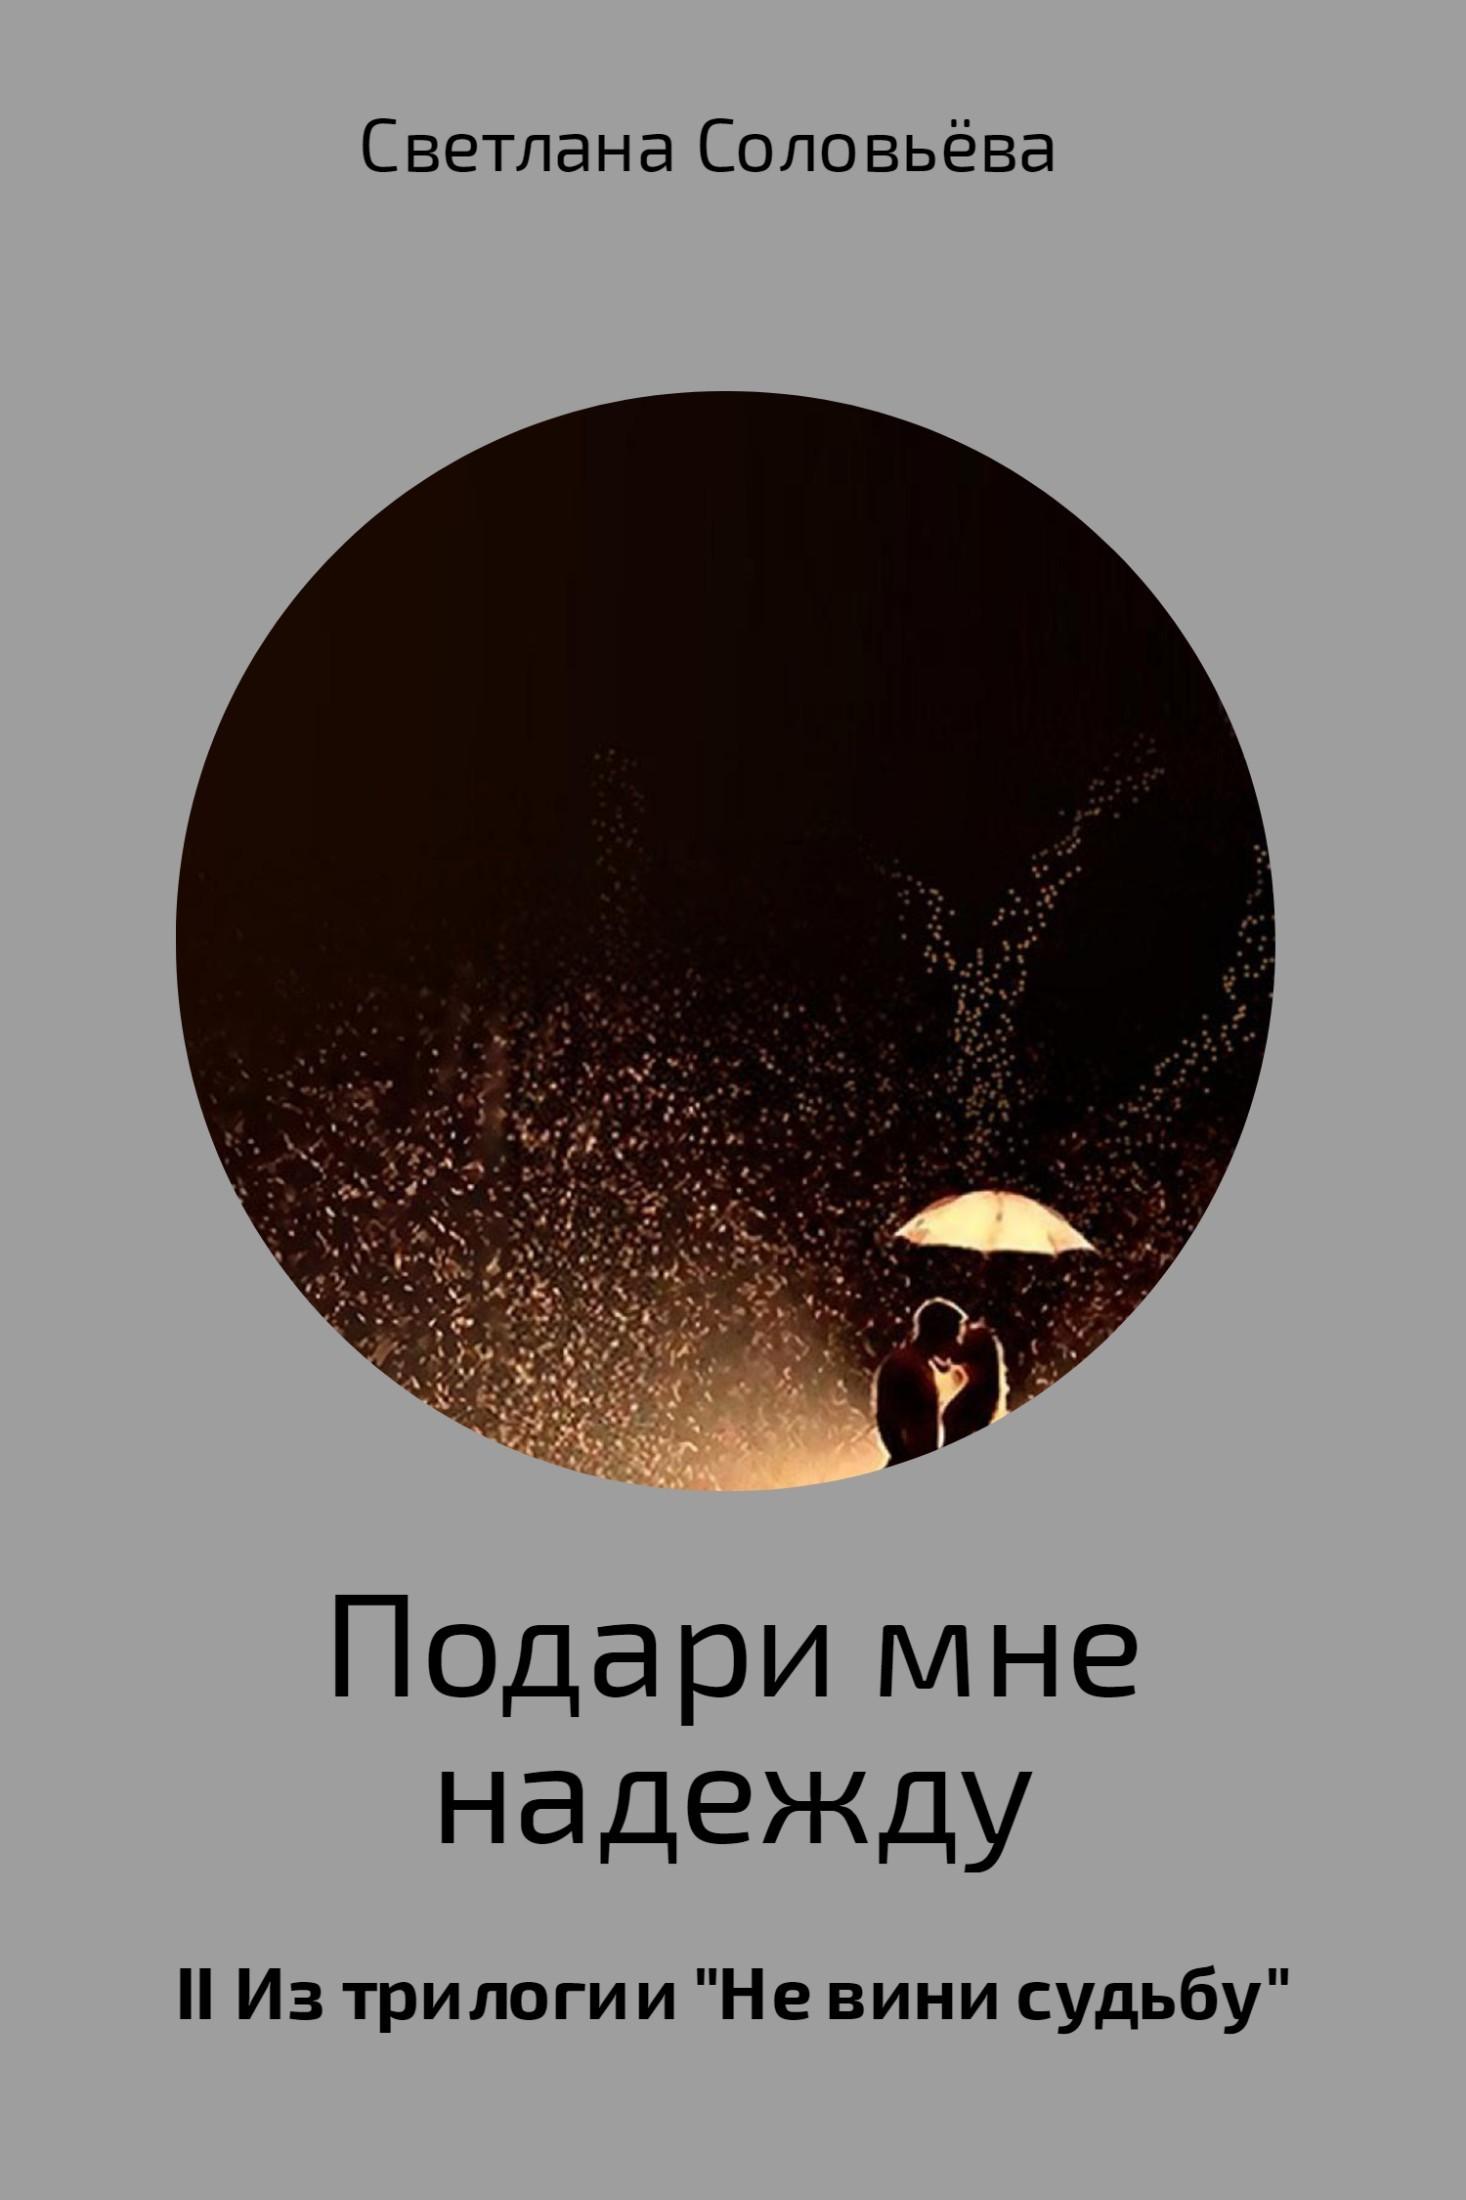 Светлана Соловьёва «Подари мне надежду»